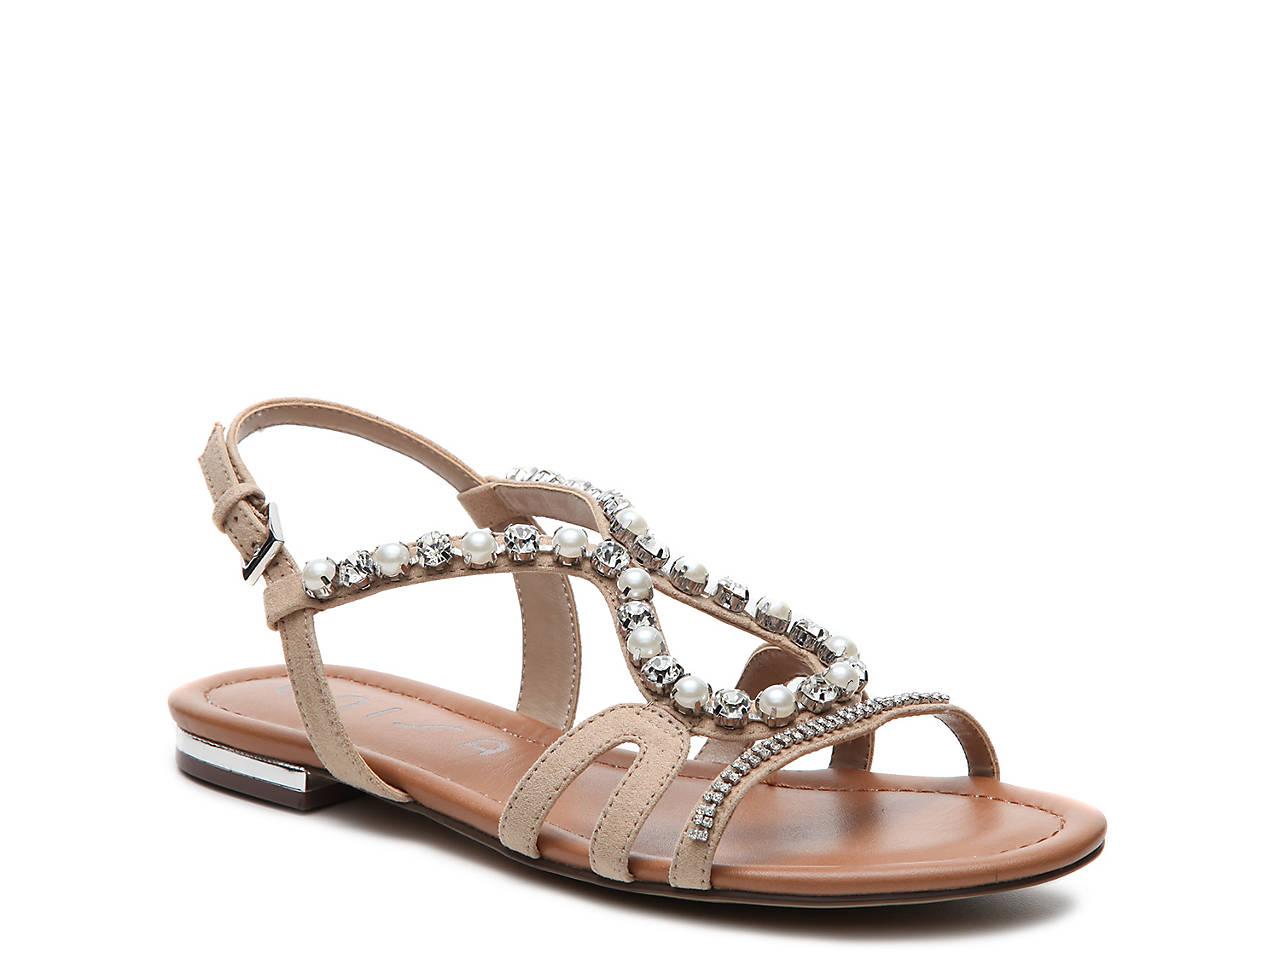 d2c22a054cb Unisa Stasia Flat Sandal Women s Shoes